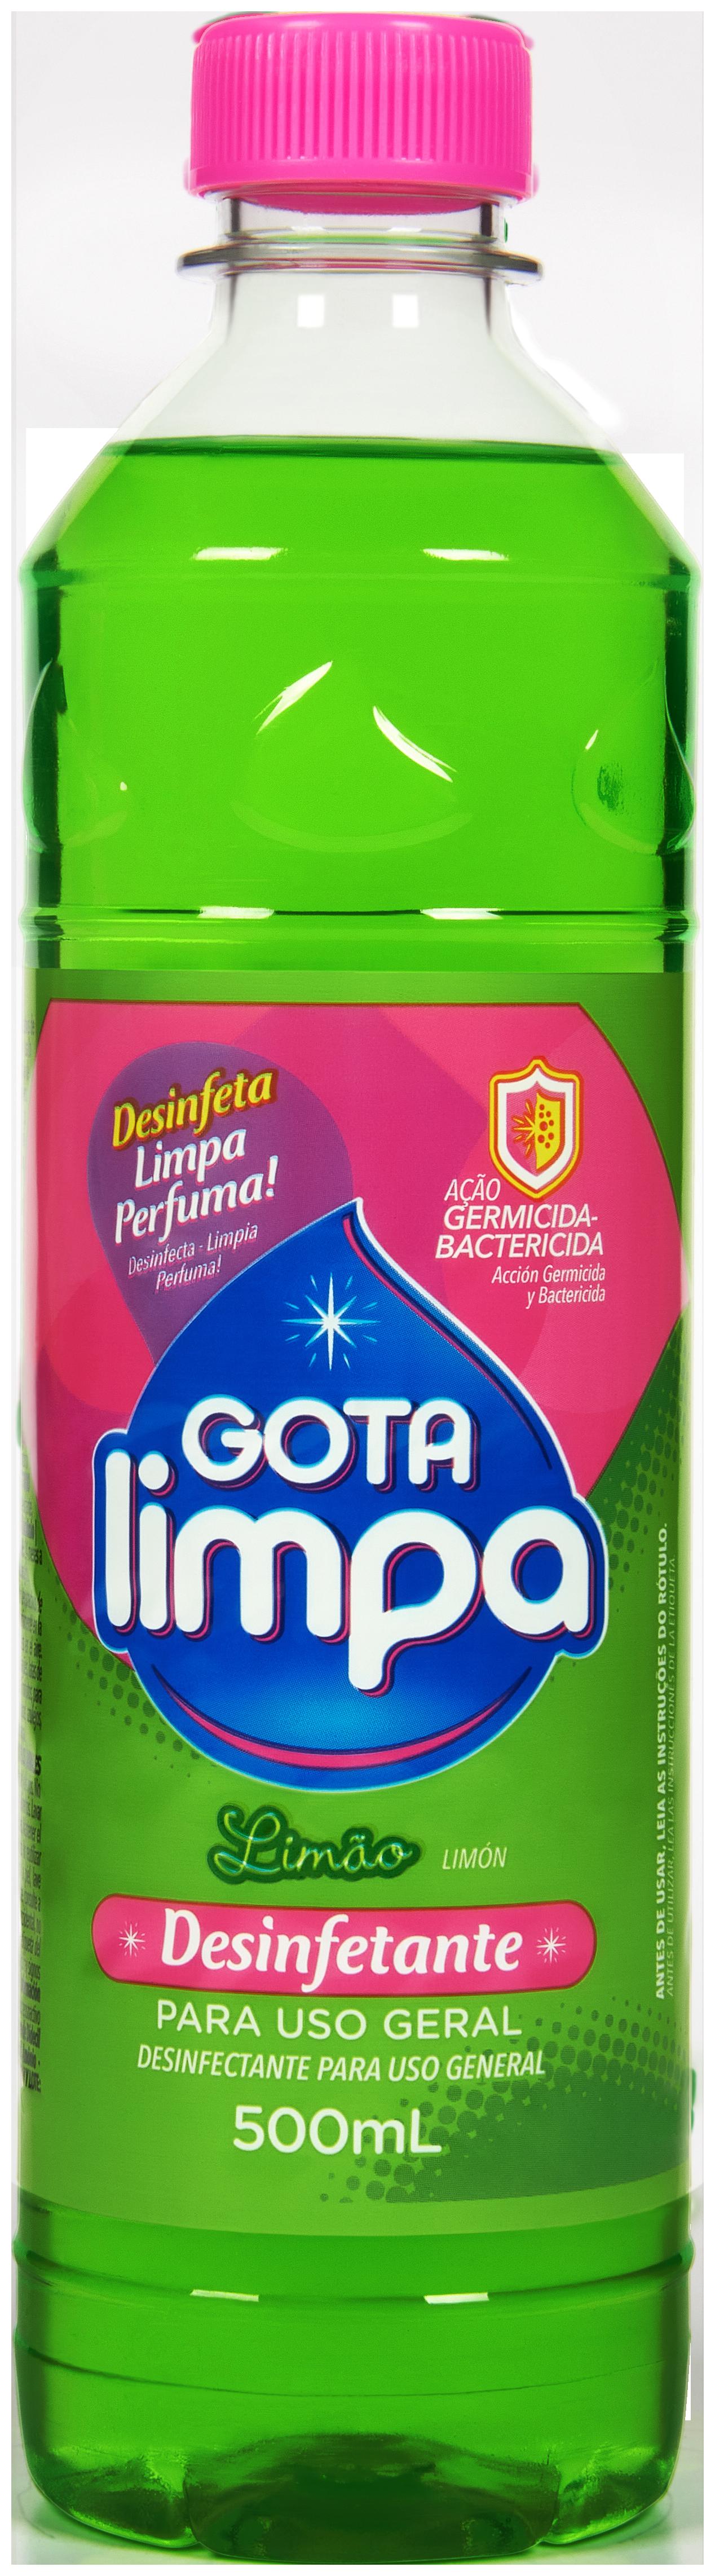 Desinfectante Gota Limpa Limón 500ml